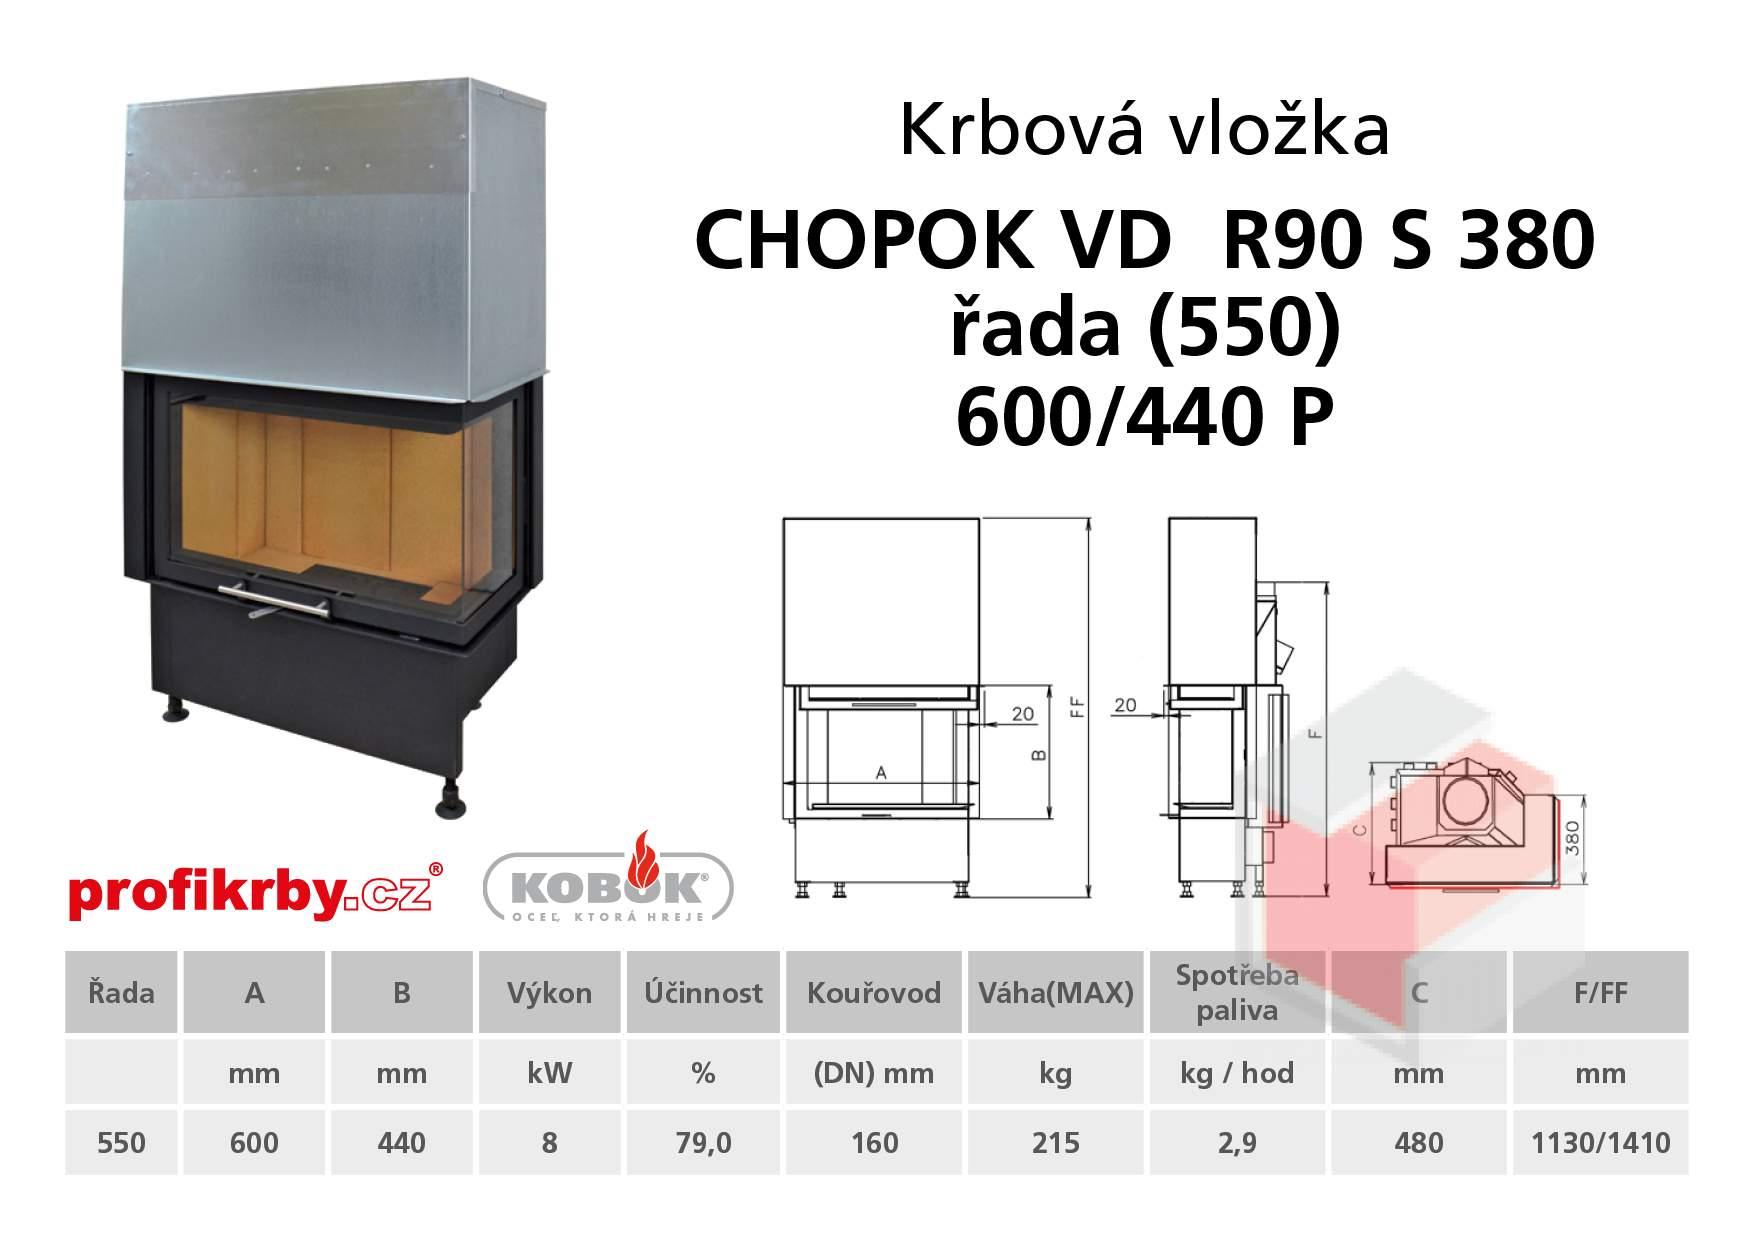 Krbová vložka CHOPOK VD R90Sx330 (380) 550 (600) 440 - Rohová -